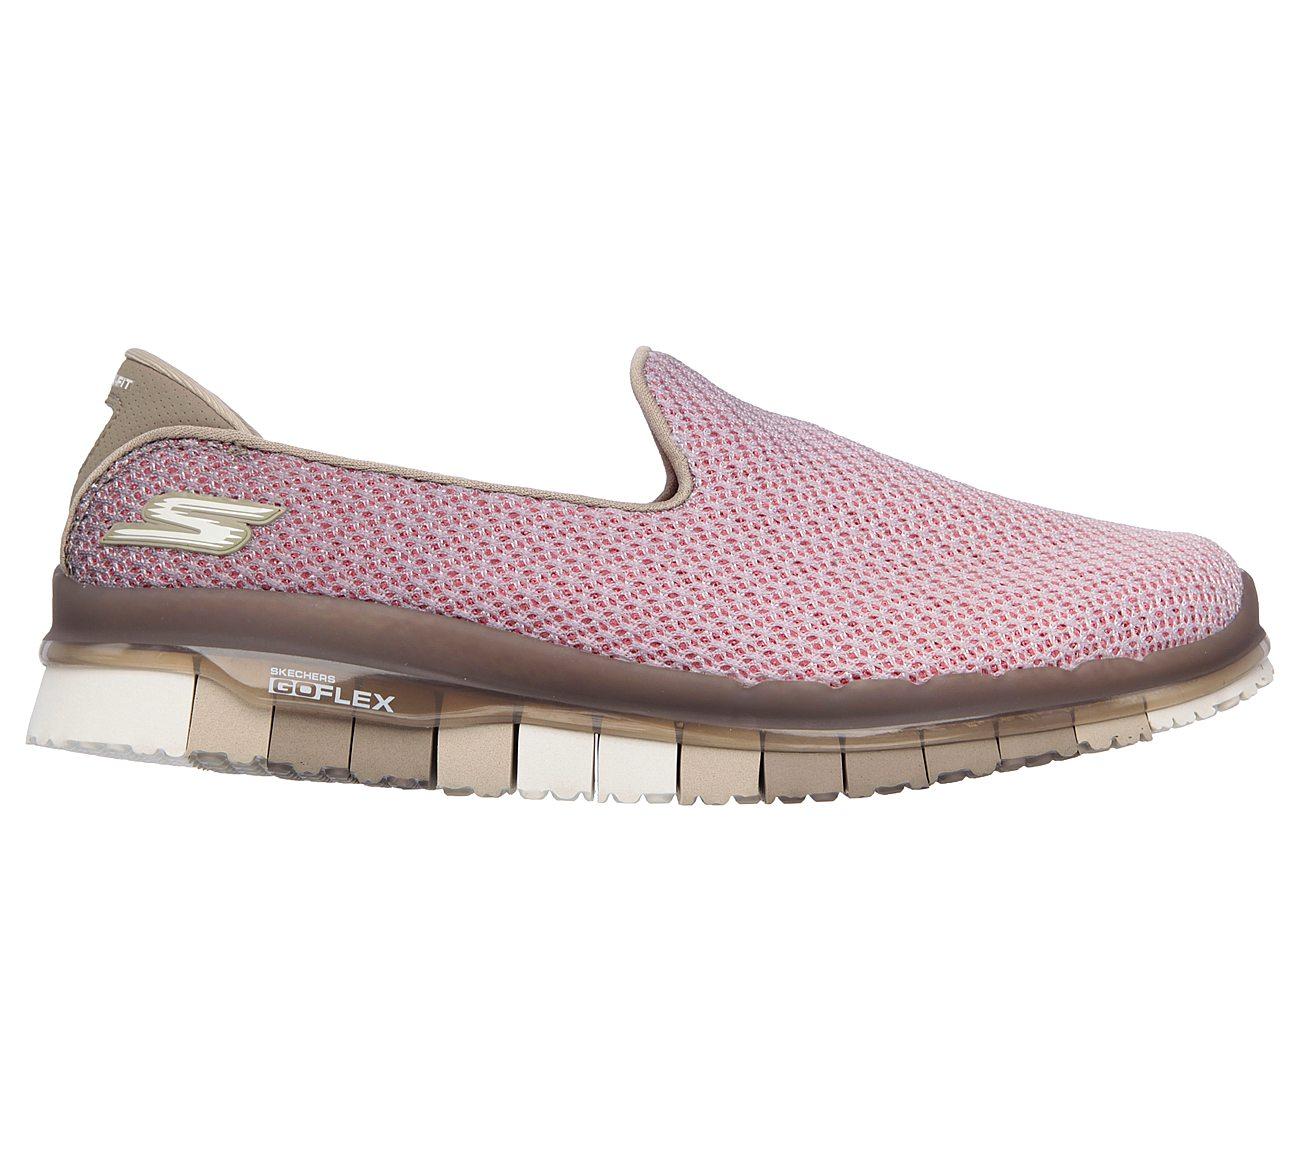 womens skechers go flex walk lotus slip on walking shoe